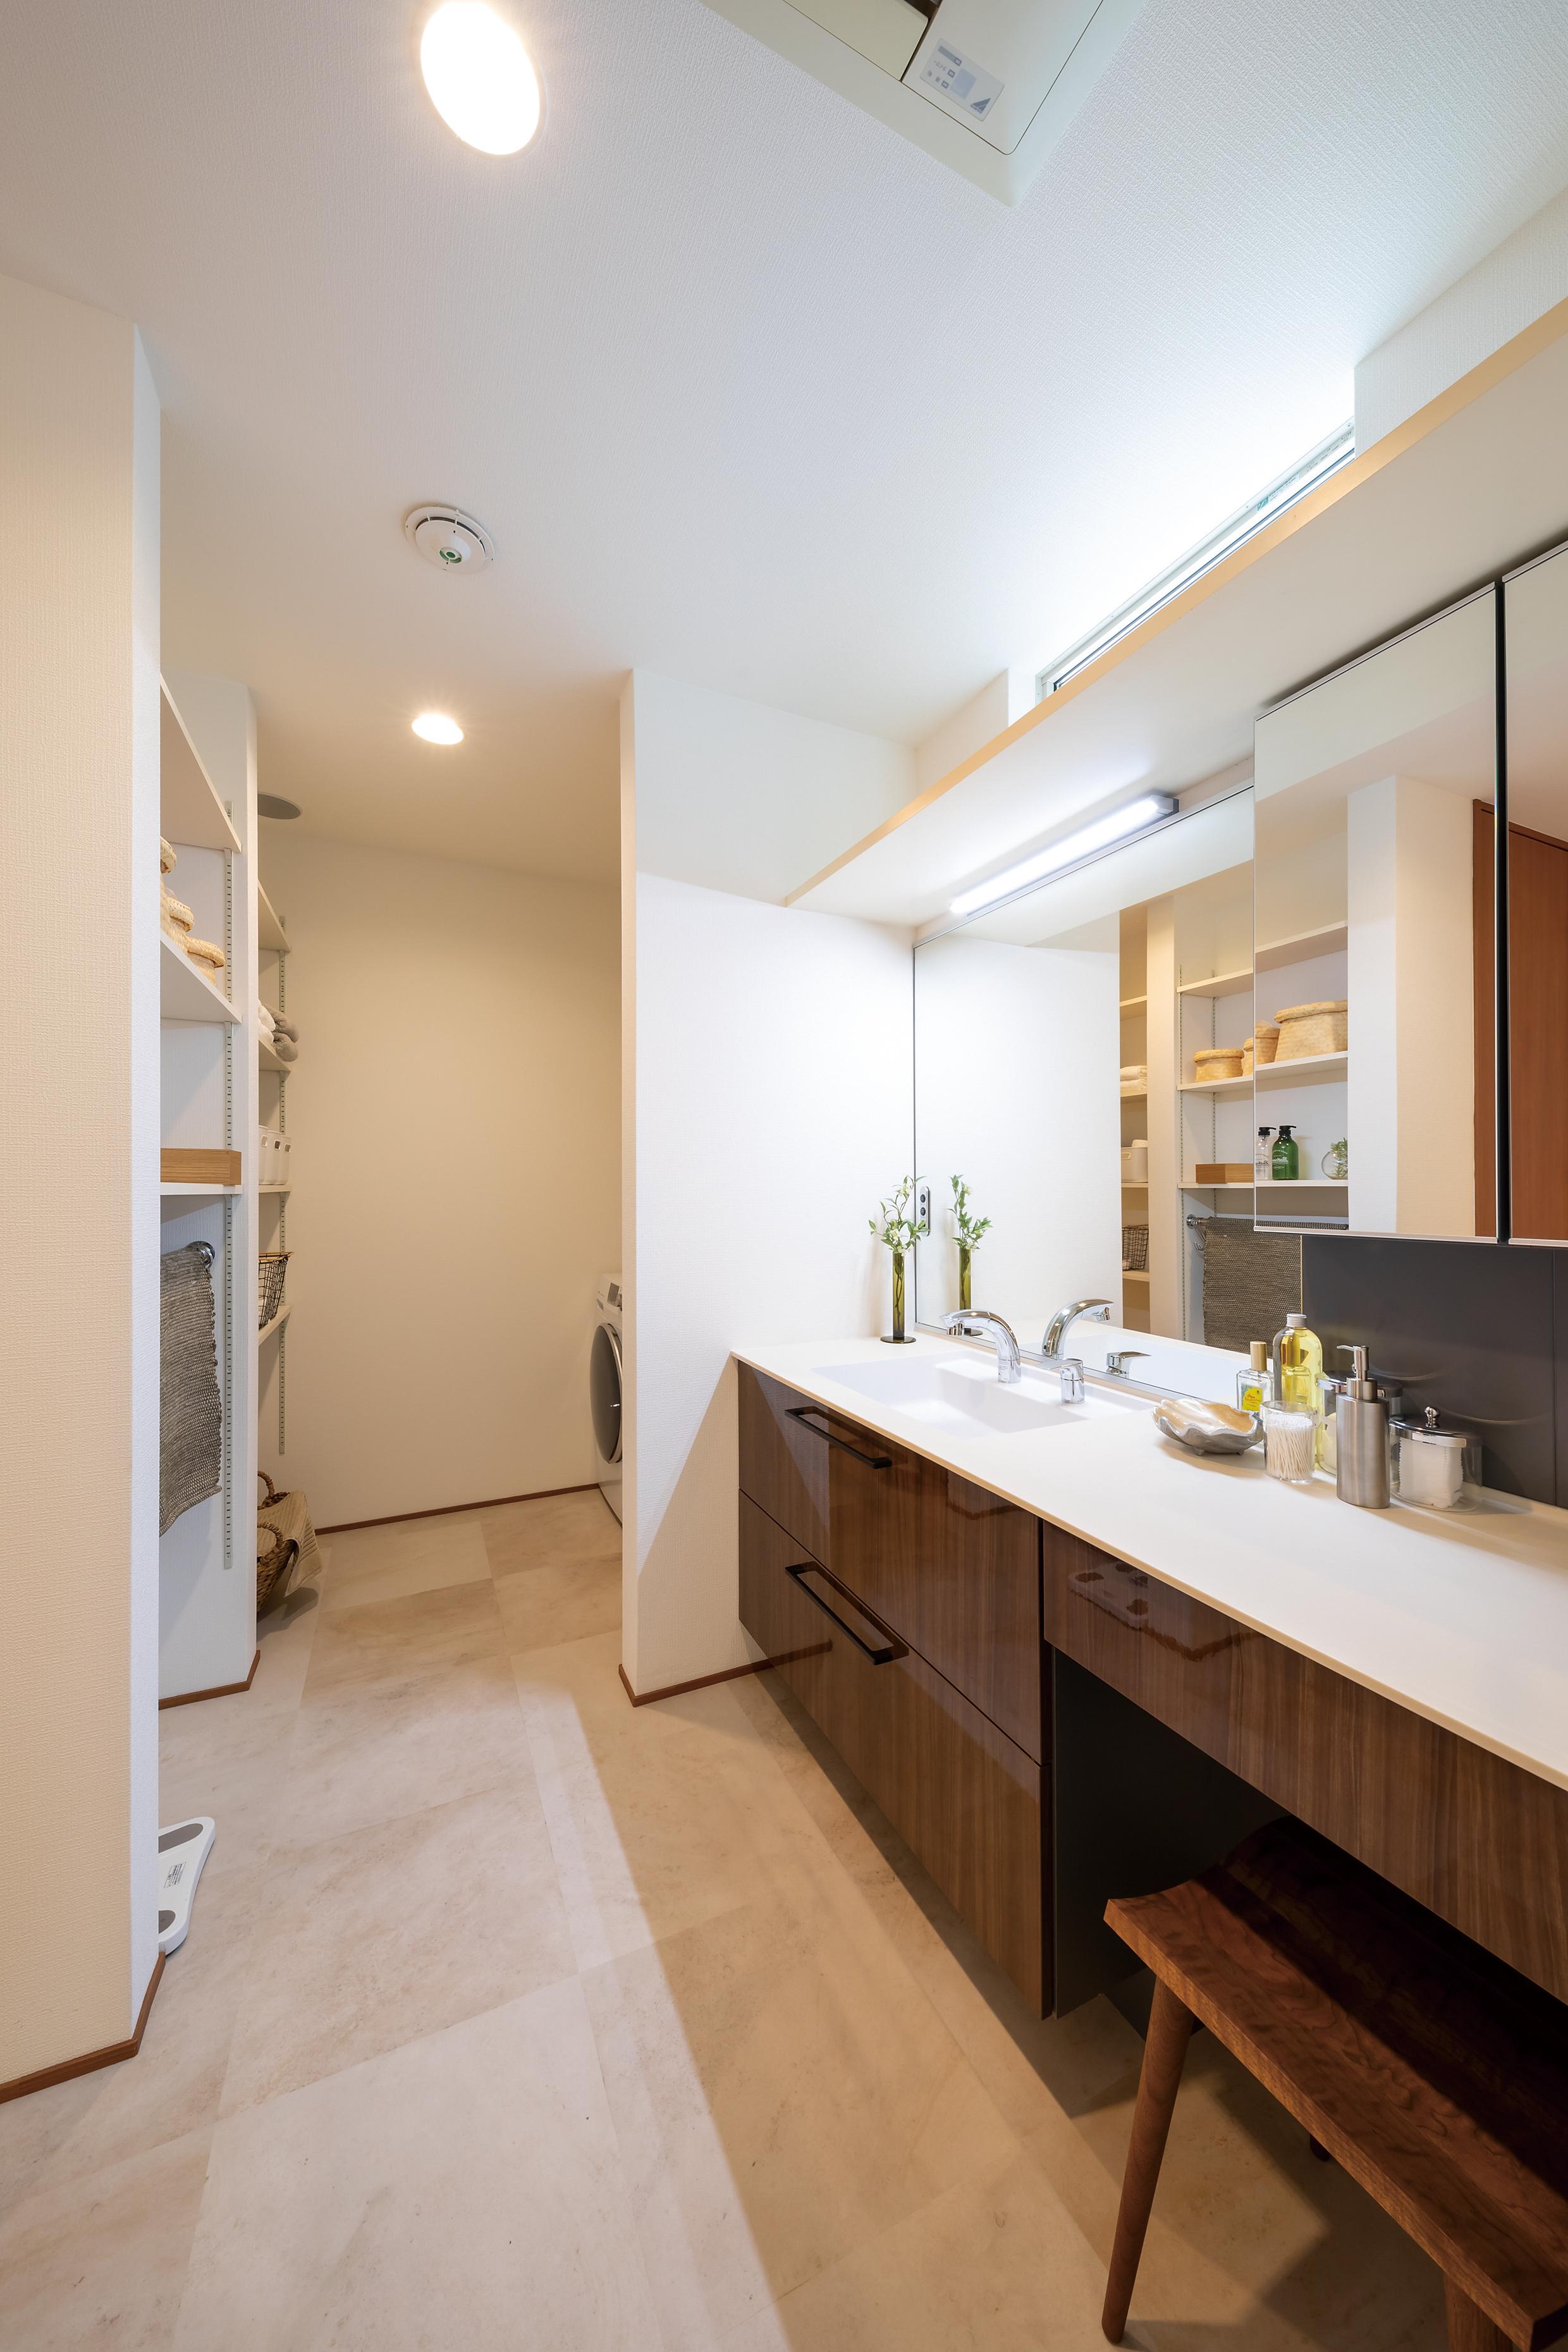 脱衣・洗面スペースは収納をたっぷり設け、洗う・干す・しまう、が完結します。天井には除菌効果のあるオゾン発生器もついています。